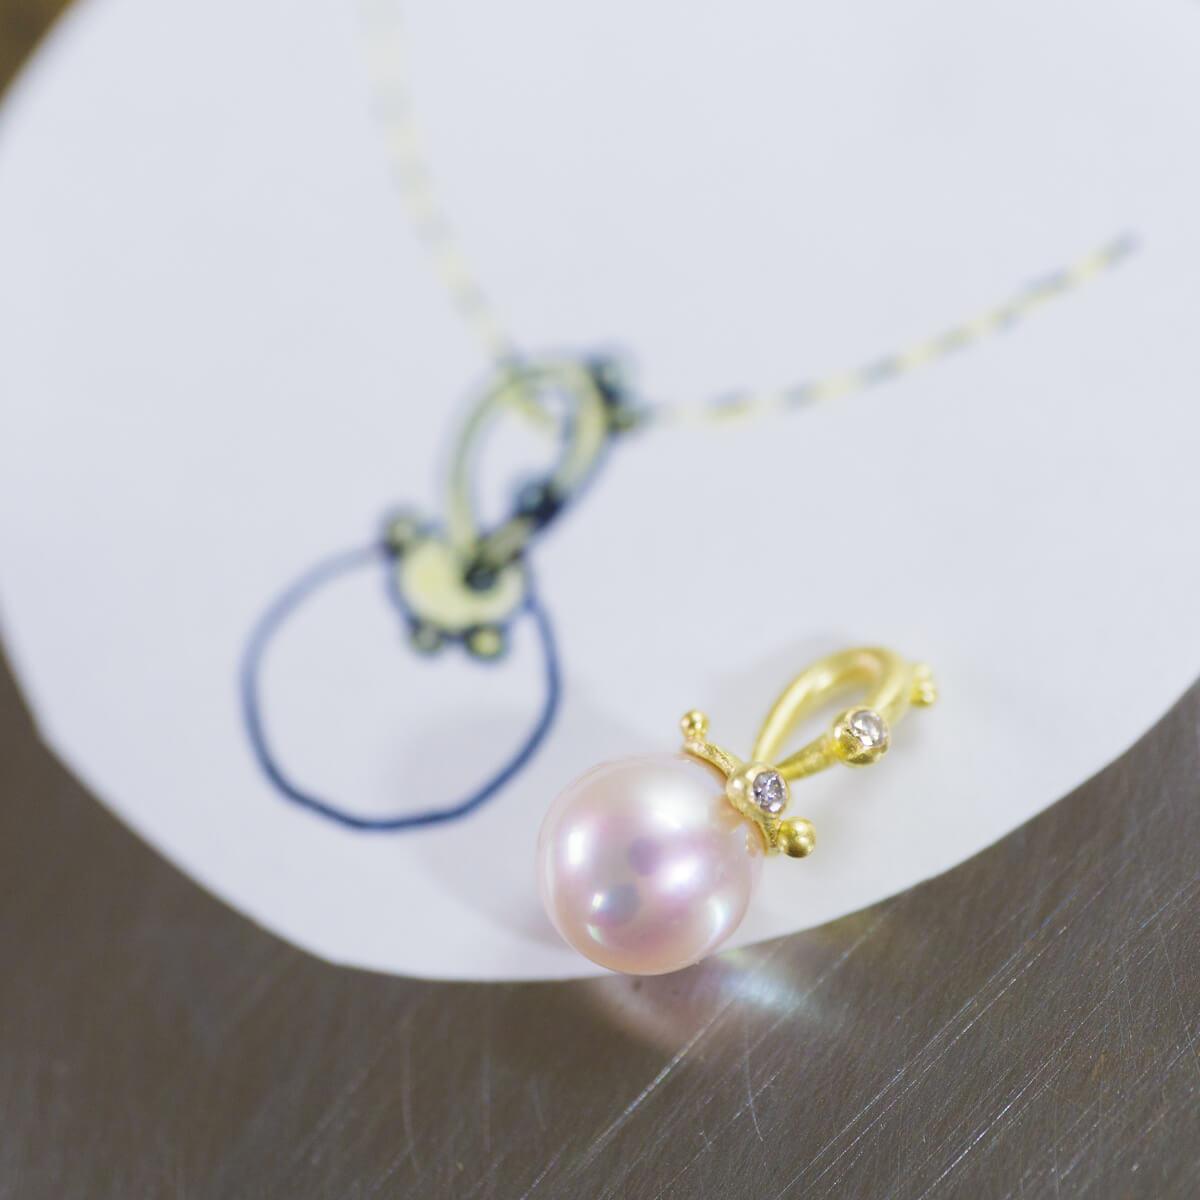 デザイン画とともに リメイクジュエリーのネックレス パール、ゴールド、ダイヤモンド 屋久島のしずくモチーフ オーダメイドの手作りジュエリー